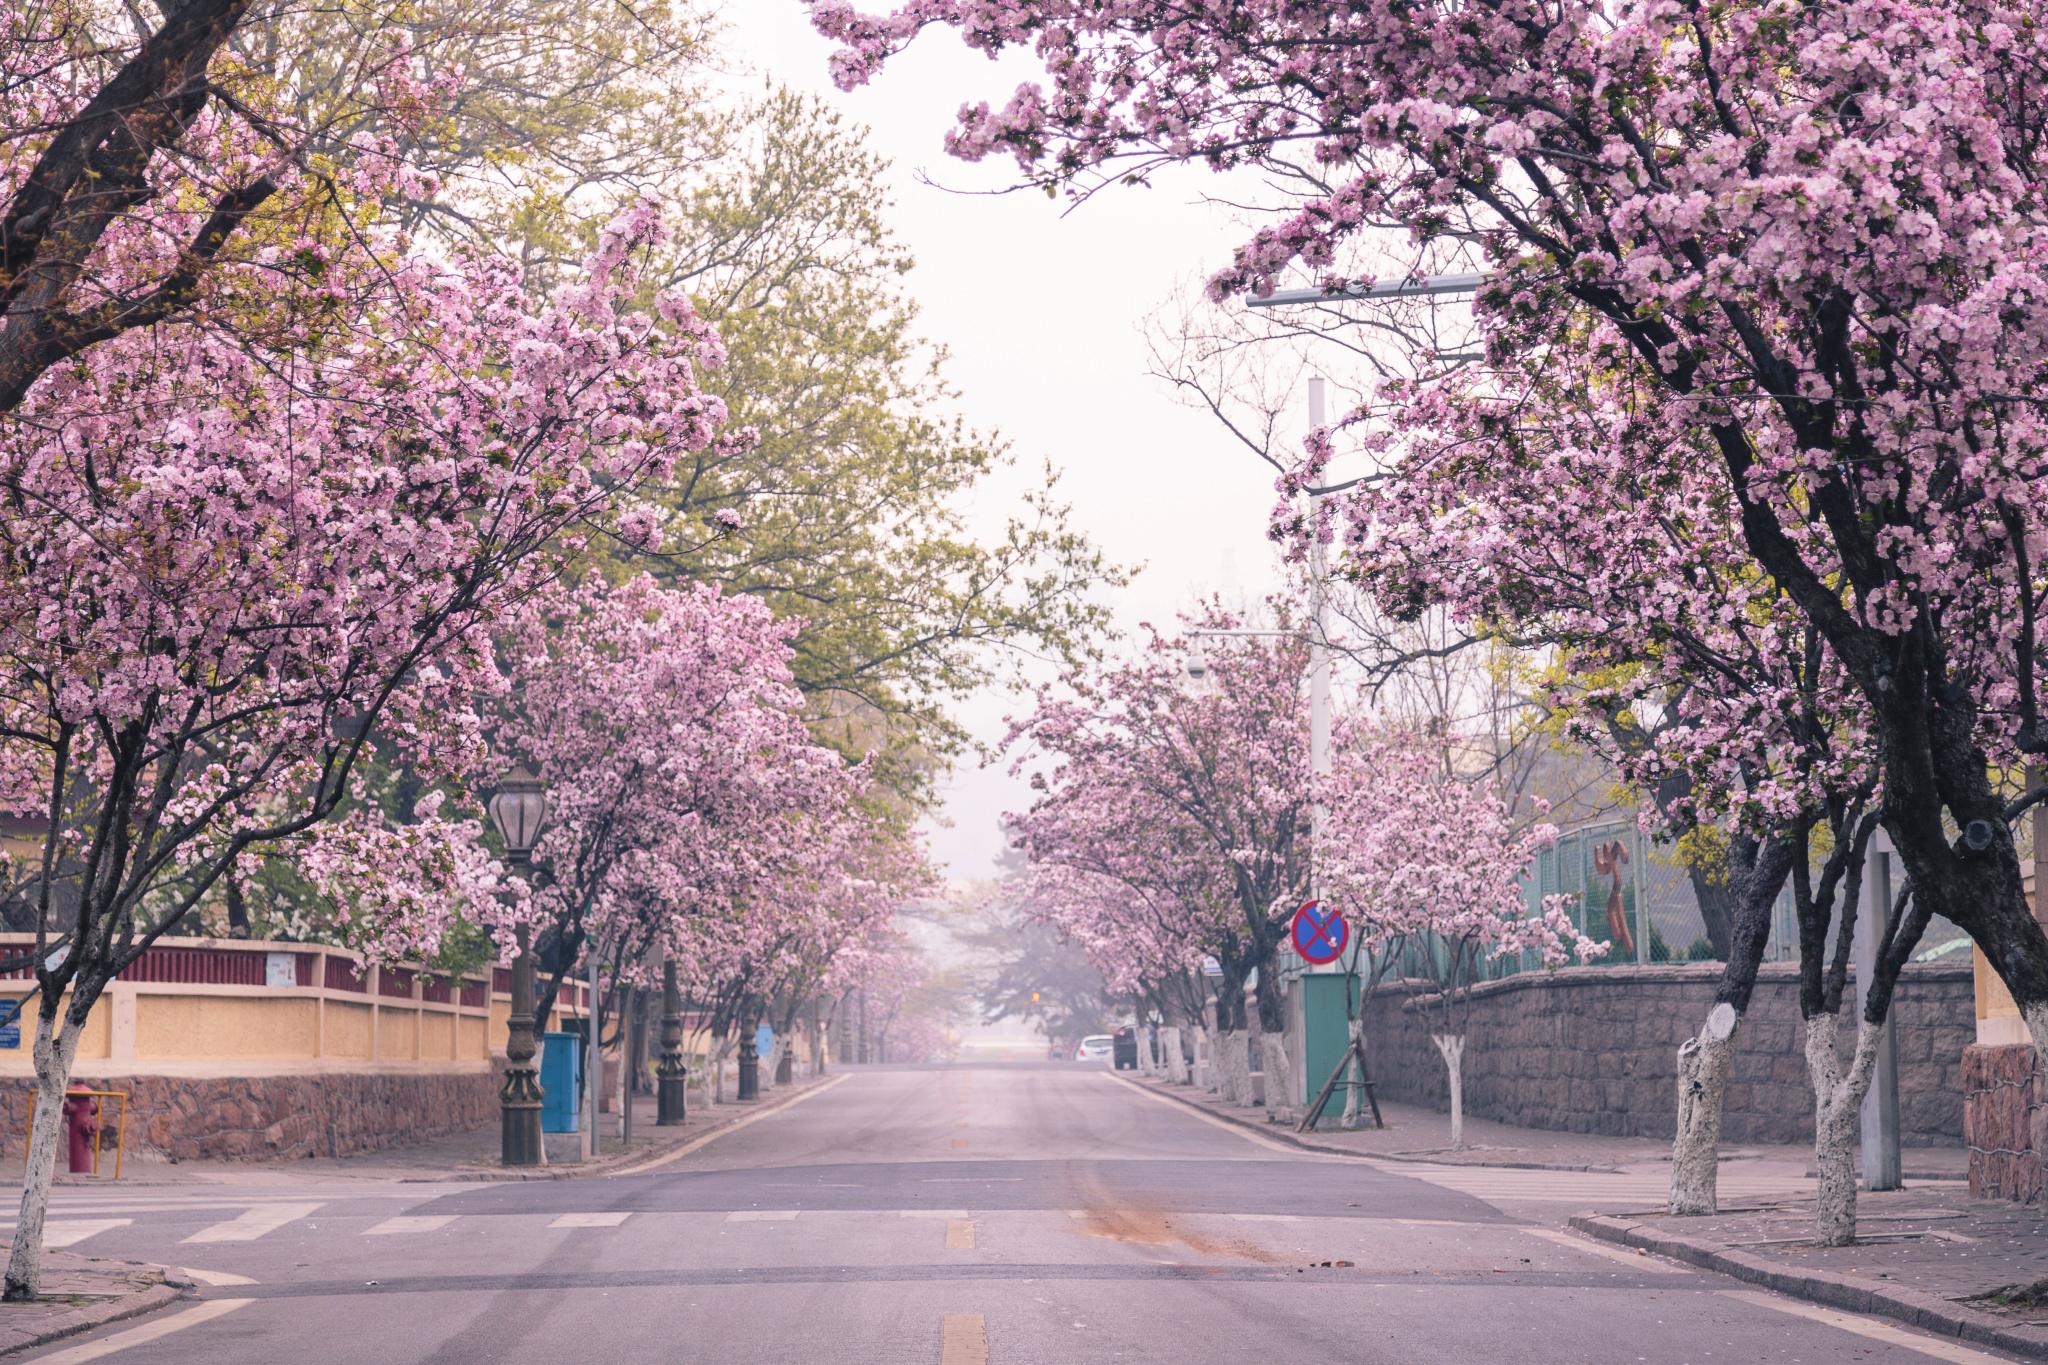 青岛日照旅游攻略_青岛图片大全_青岛风景图片/景点照片/旅游摄影【驴妈妈攻略】